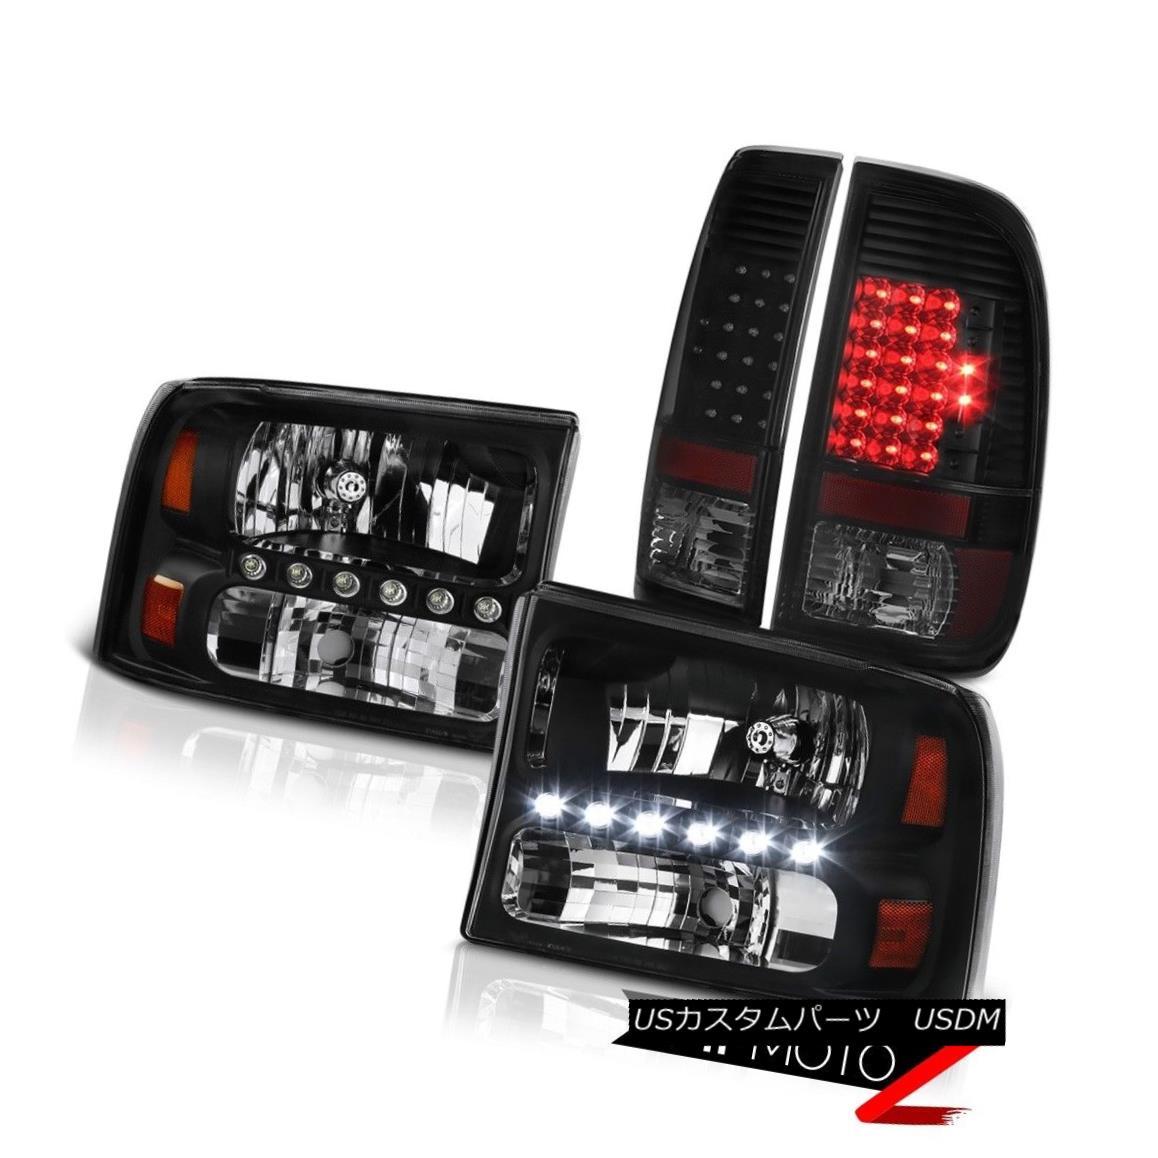 テールライト 1999-2004 Ford F250 F350 F450 SuperDuty Black LED Headlights Brake Tail Lights 1999-2004 Ford F250 F350 F450 SuperDutyブラックLEDヘッドライトブレーキテールライト